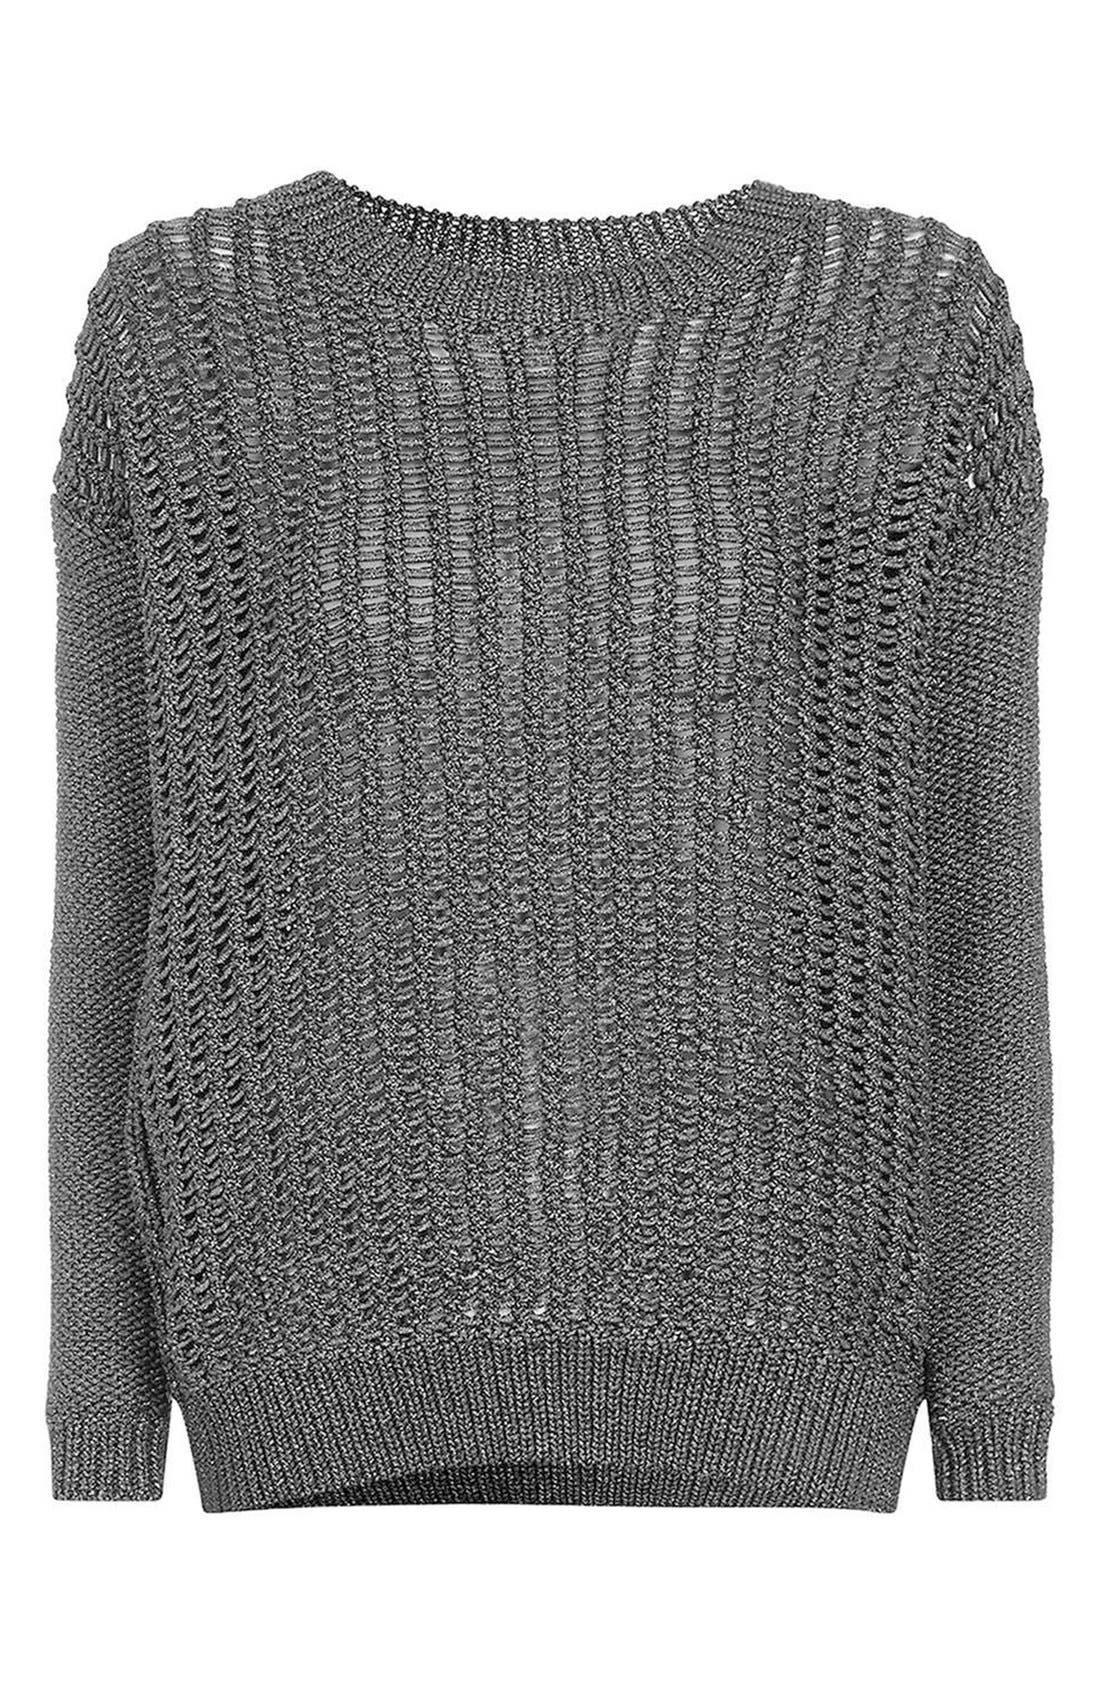 Main Image - Topshop Metallic Sweater